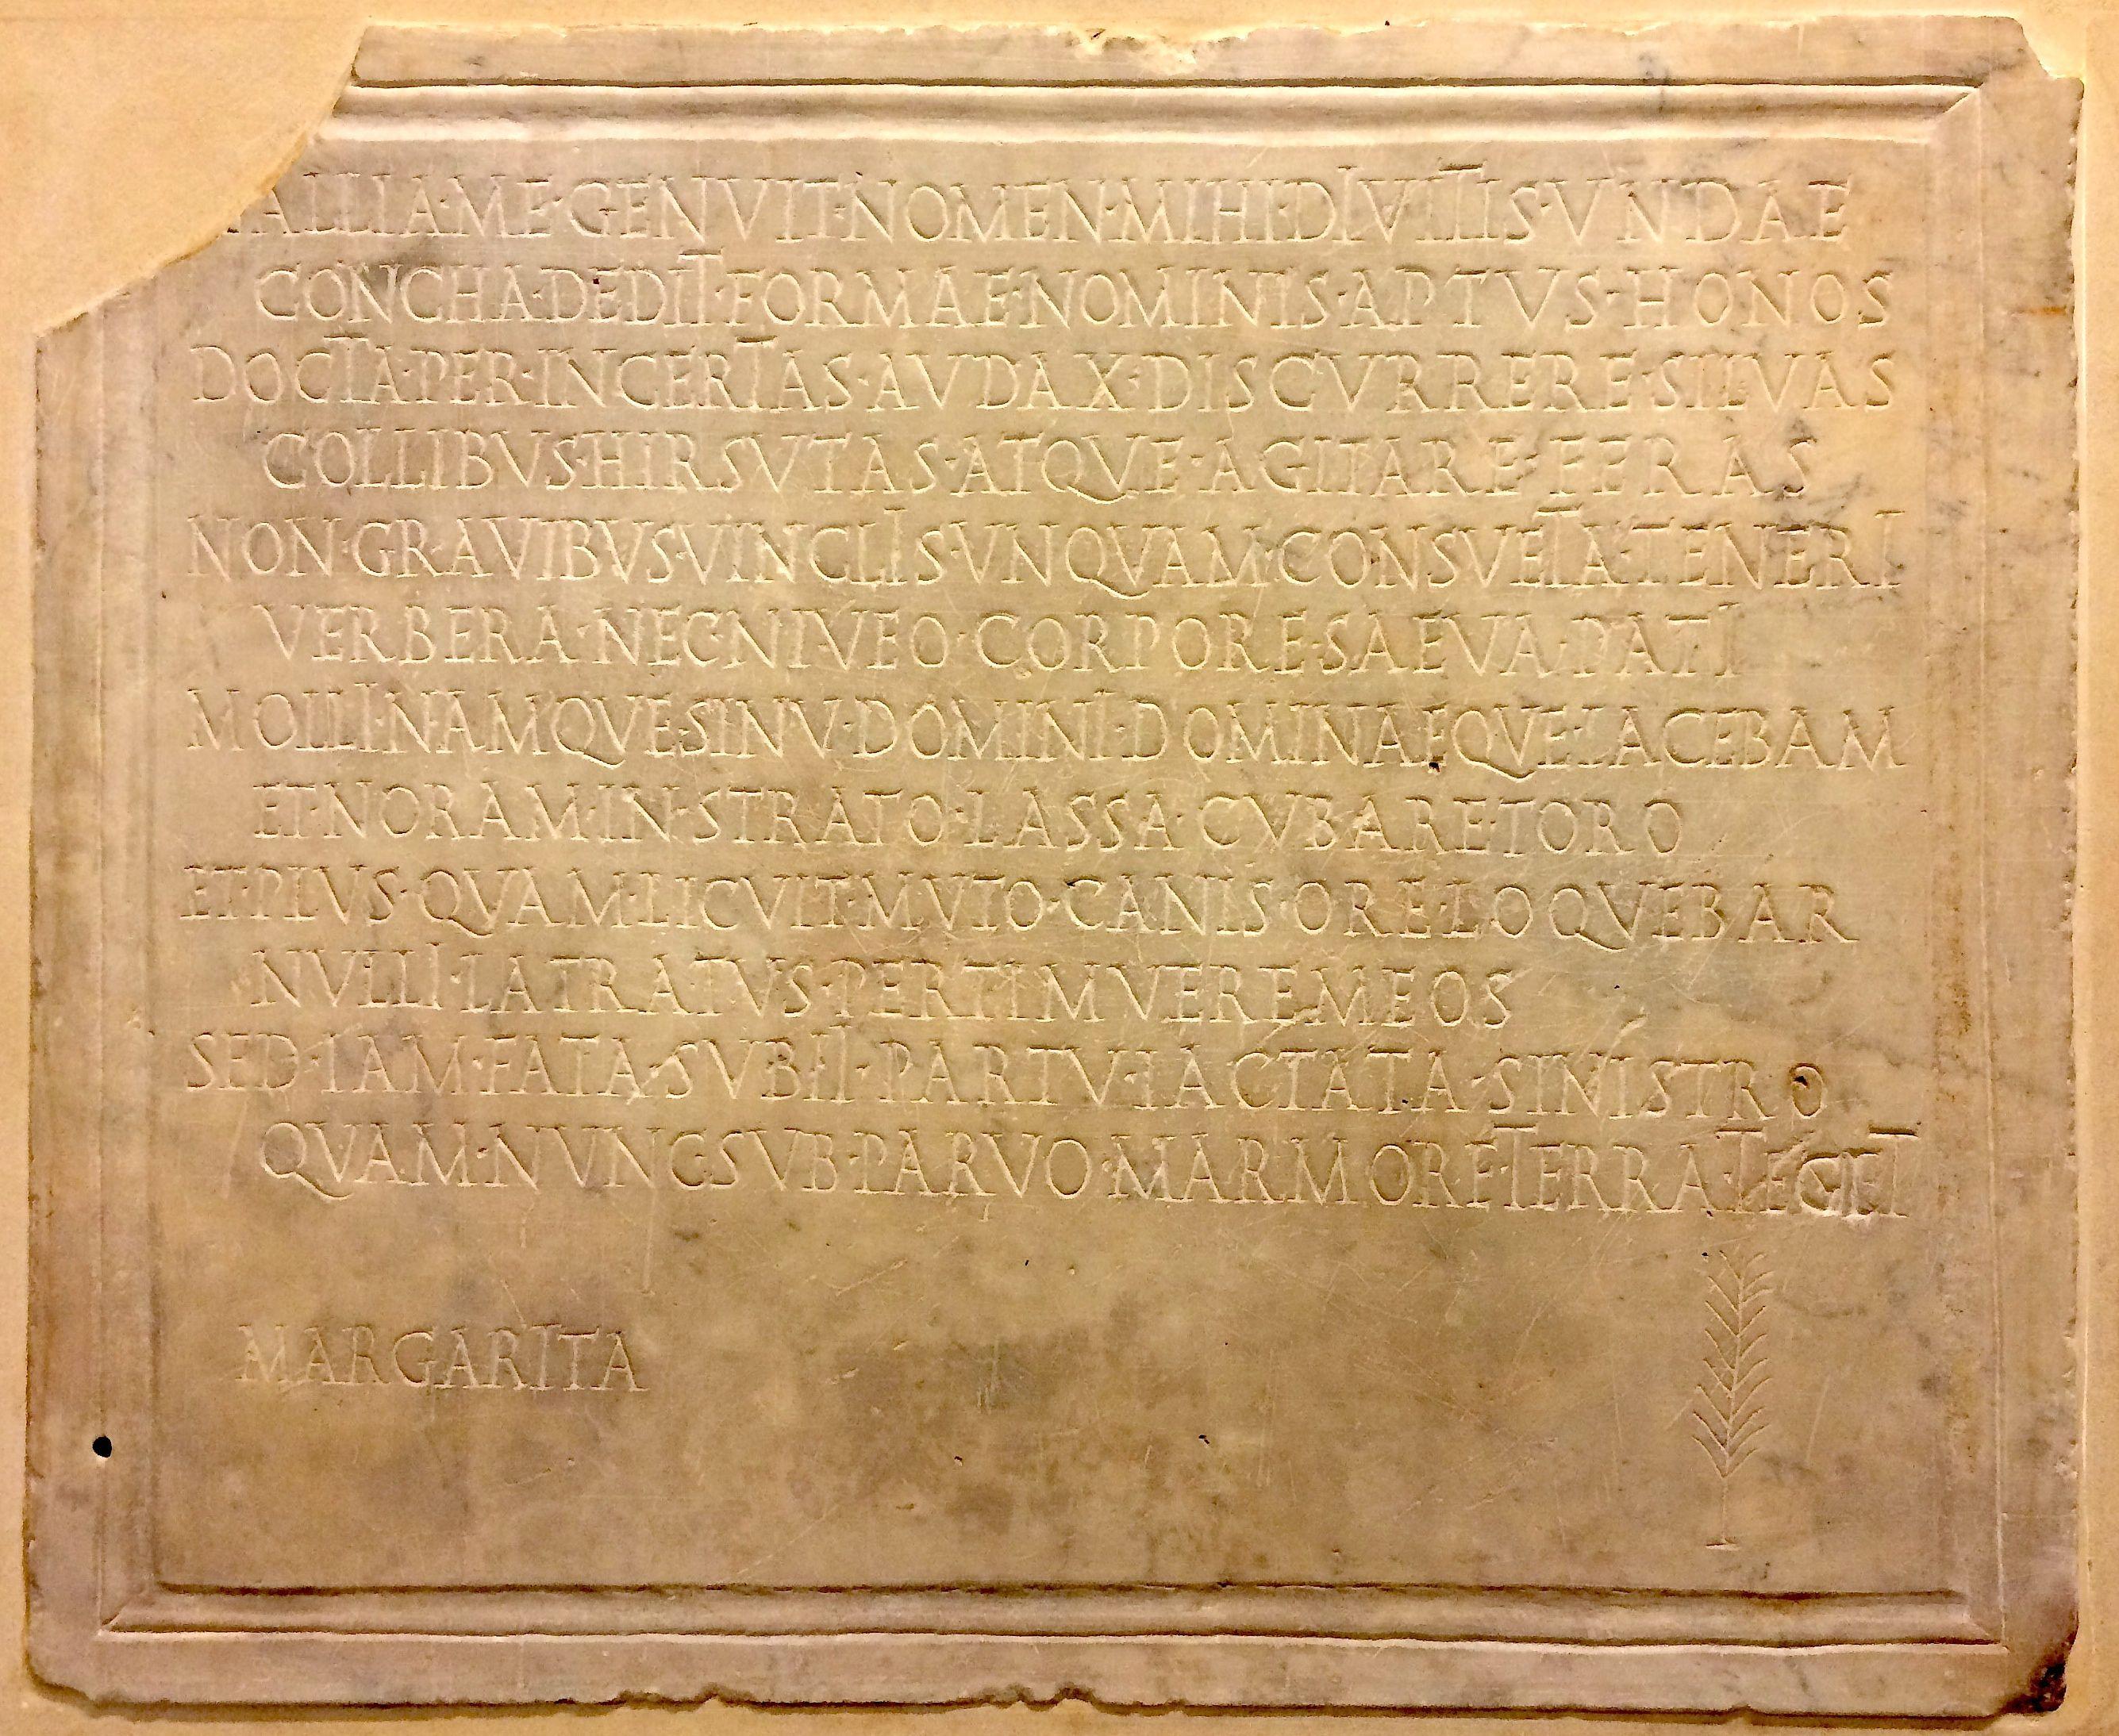 Margaritae canis Epitaphius, British Museum, Rg. Nº 1756,0101.1126 CIL VI 29896